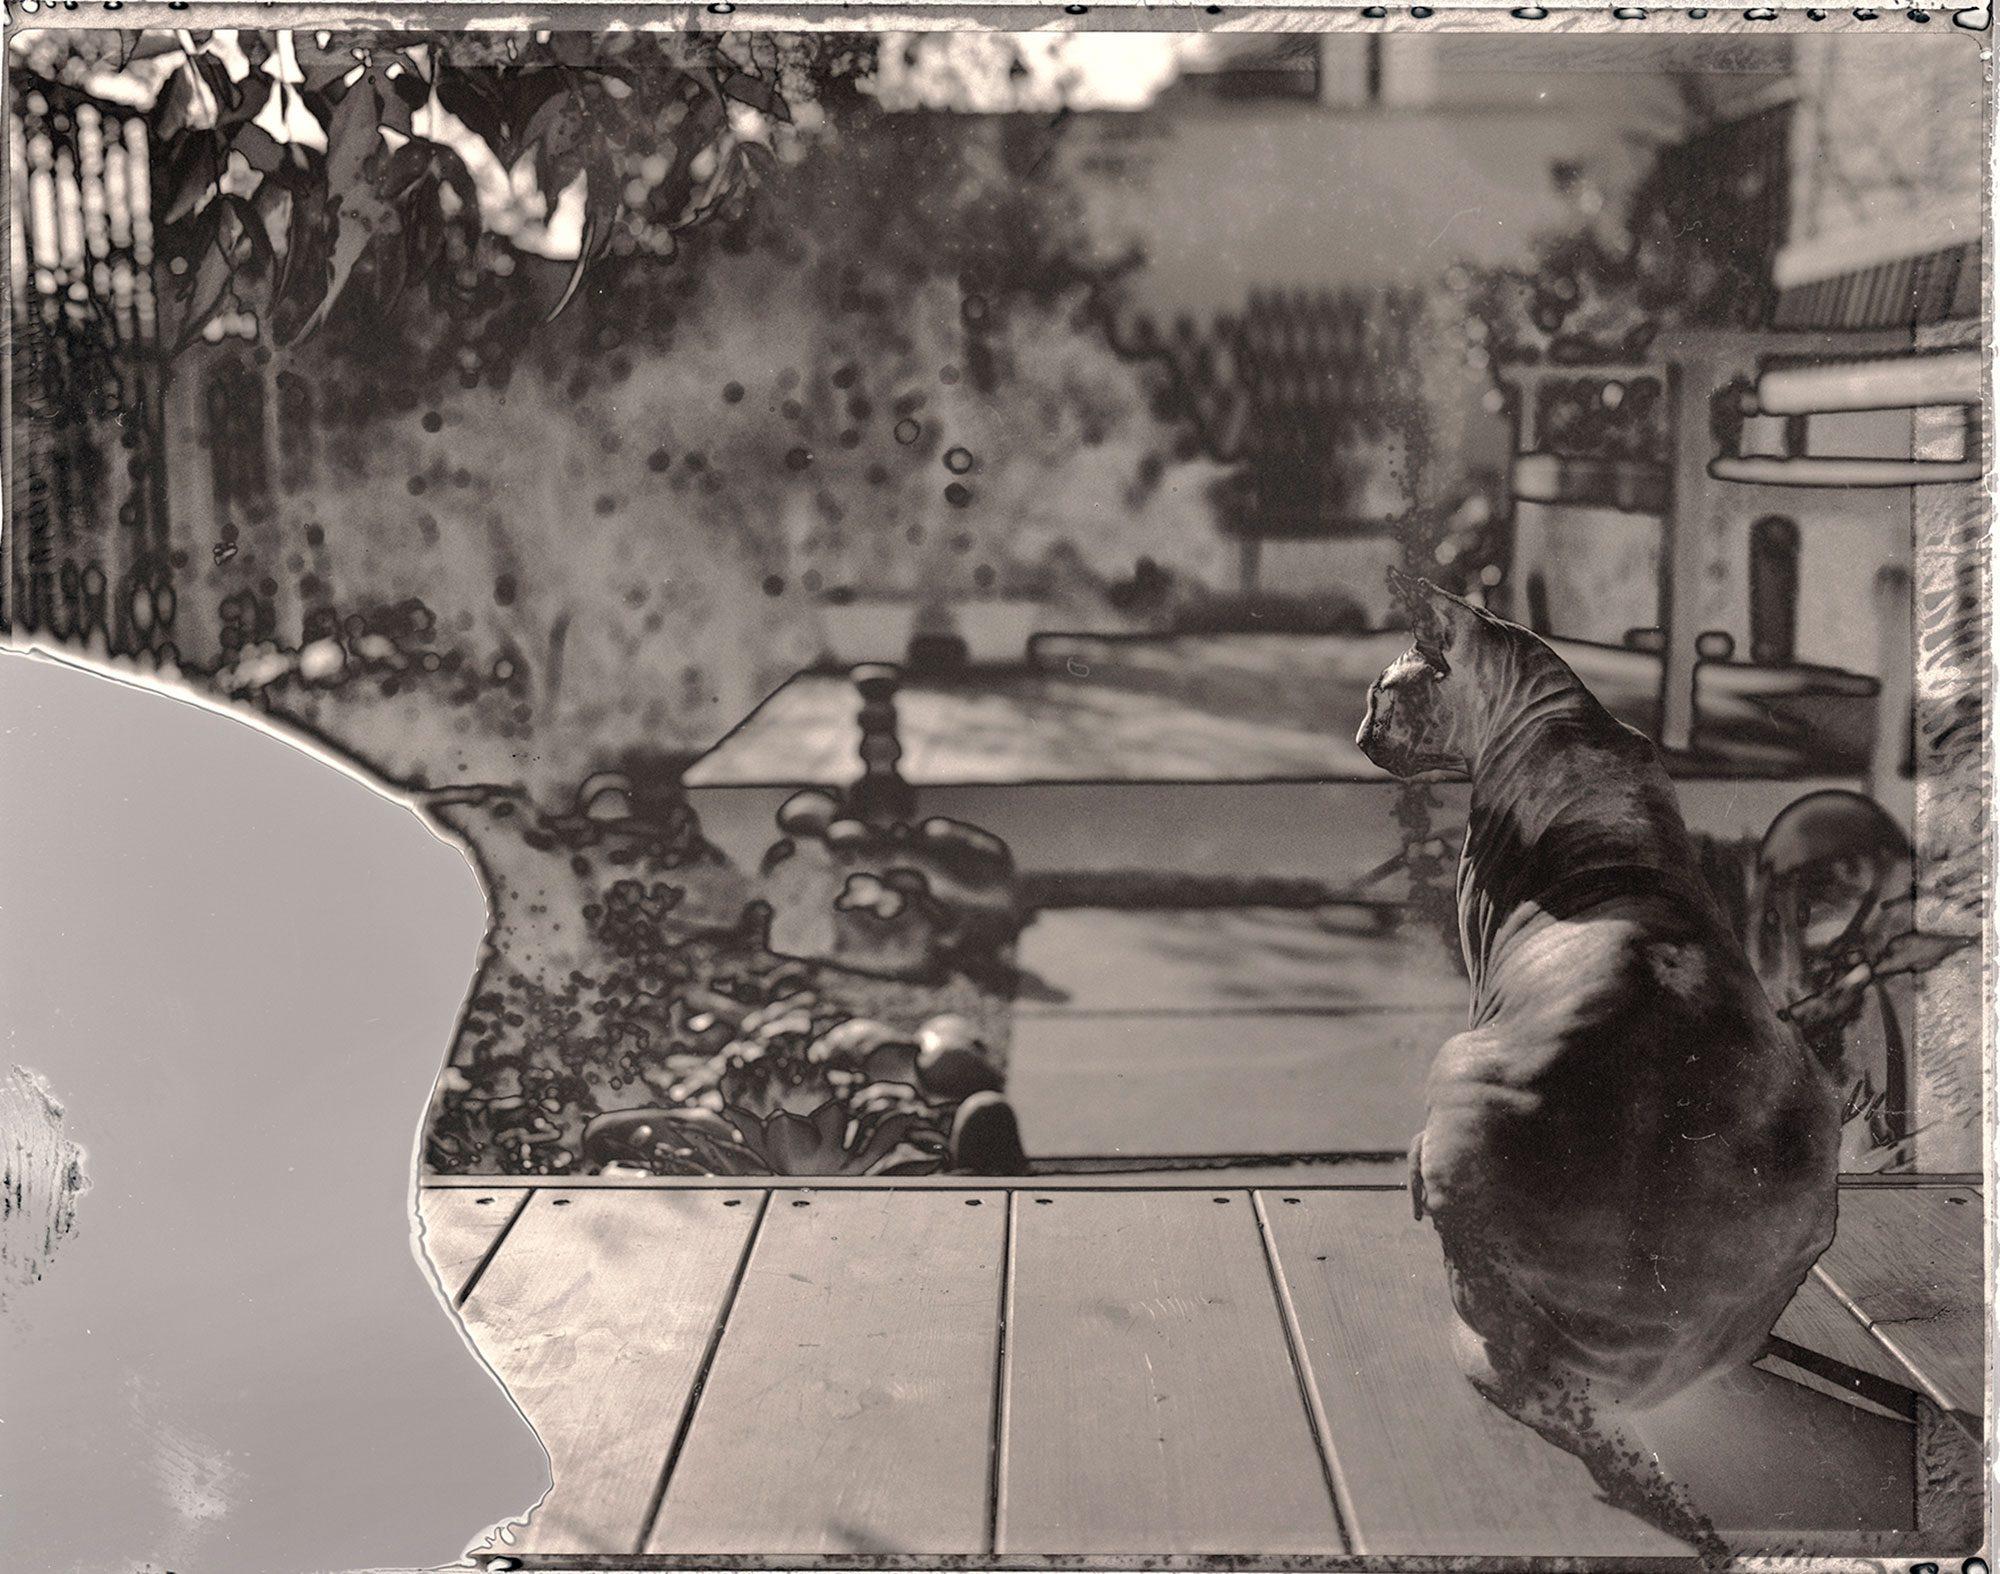 Yoji-back-garden